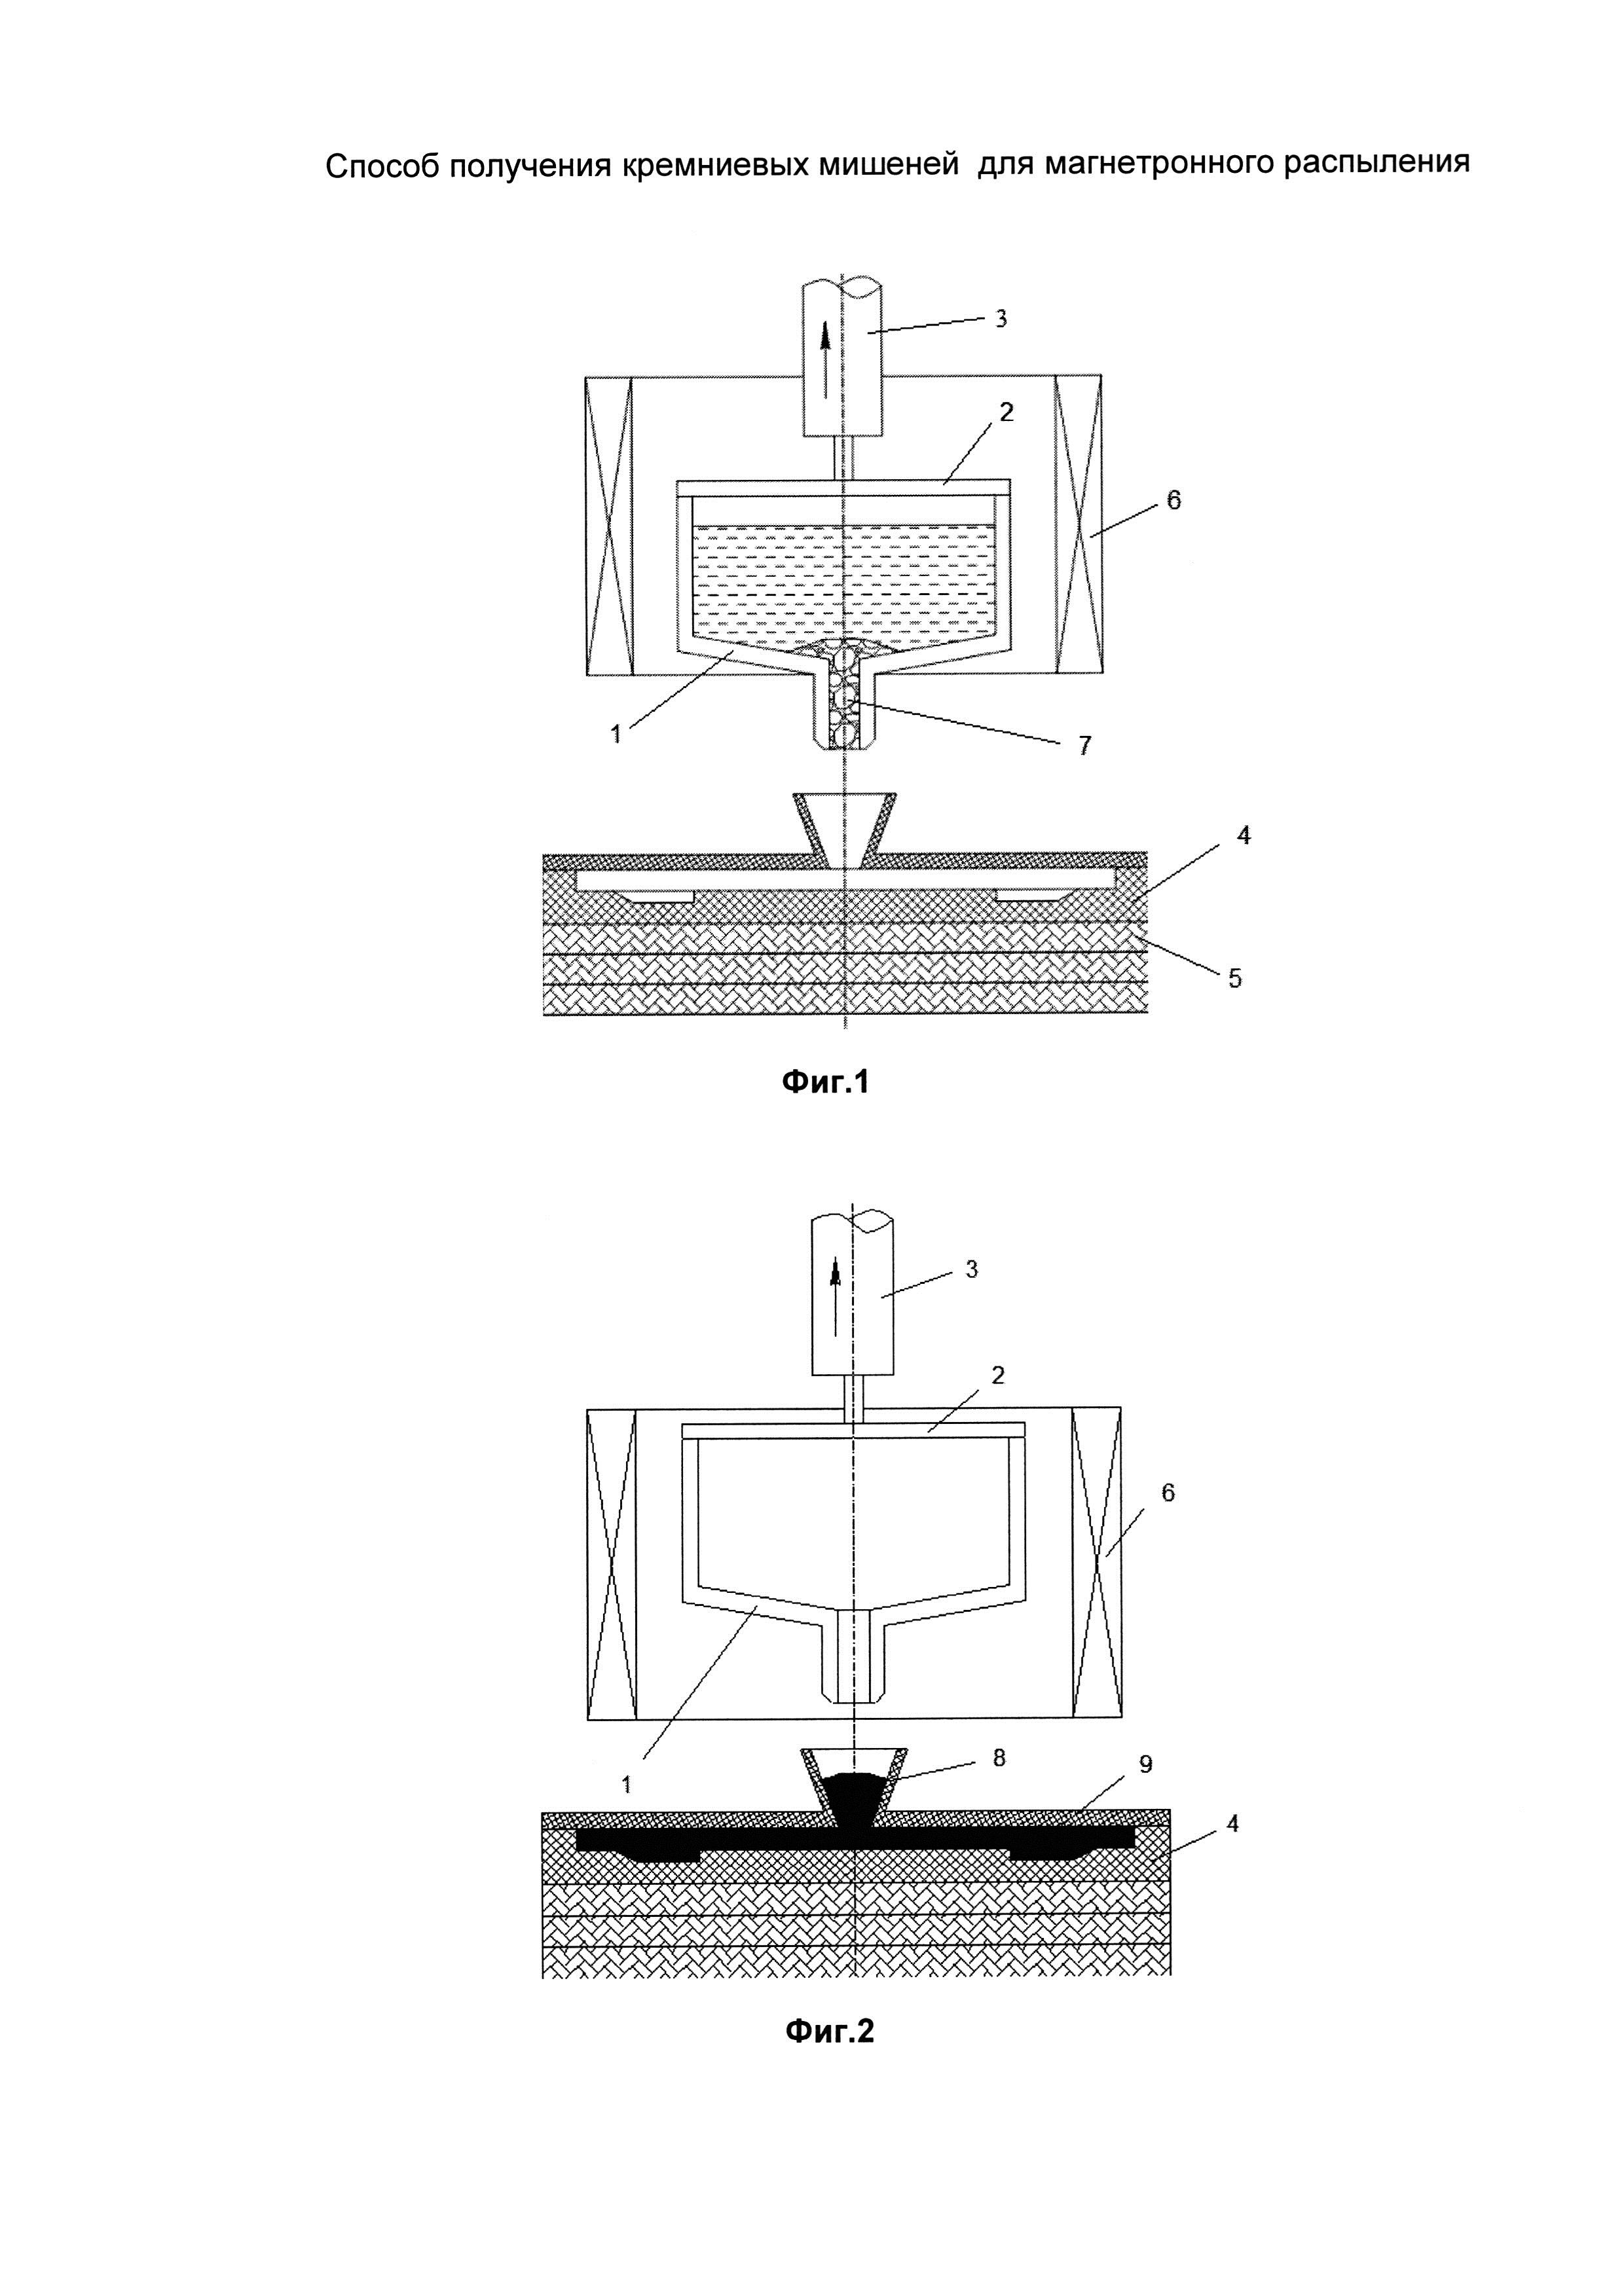 Способ получения кремниевых мишеней для магнетронного распыления